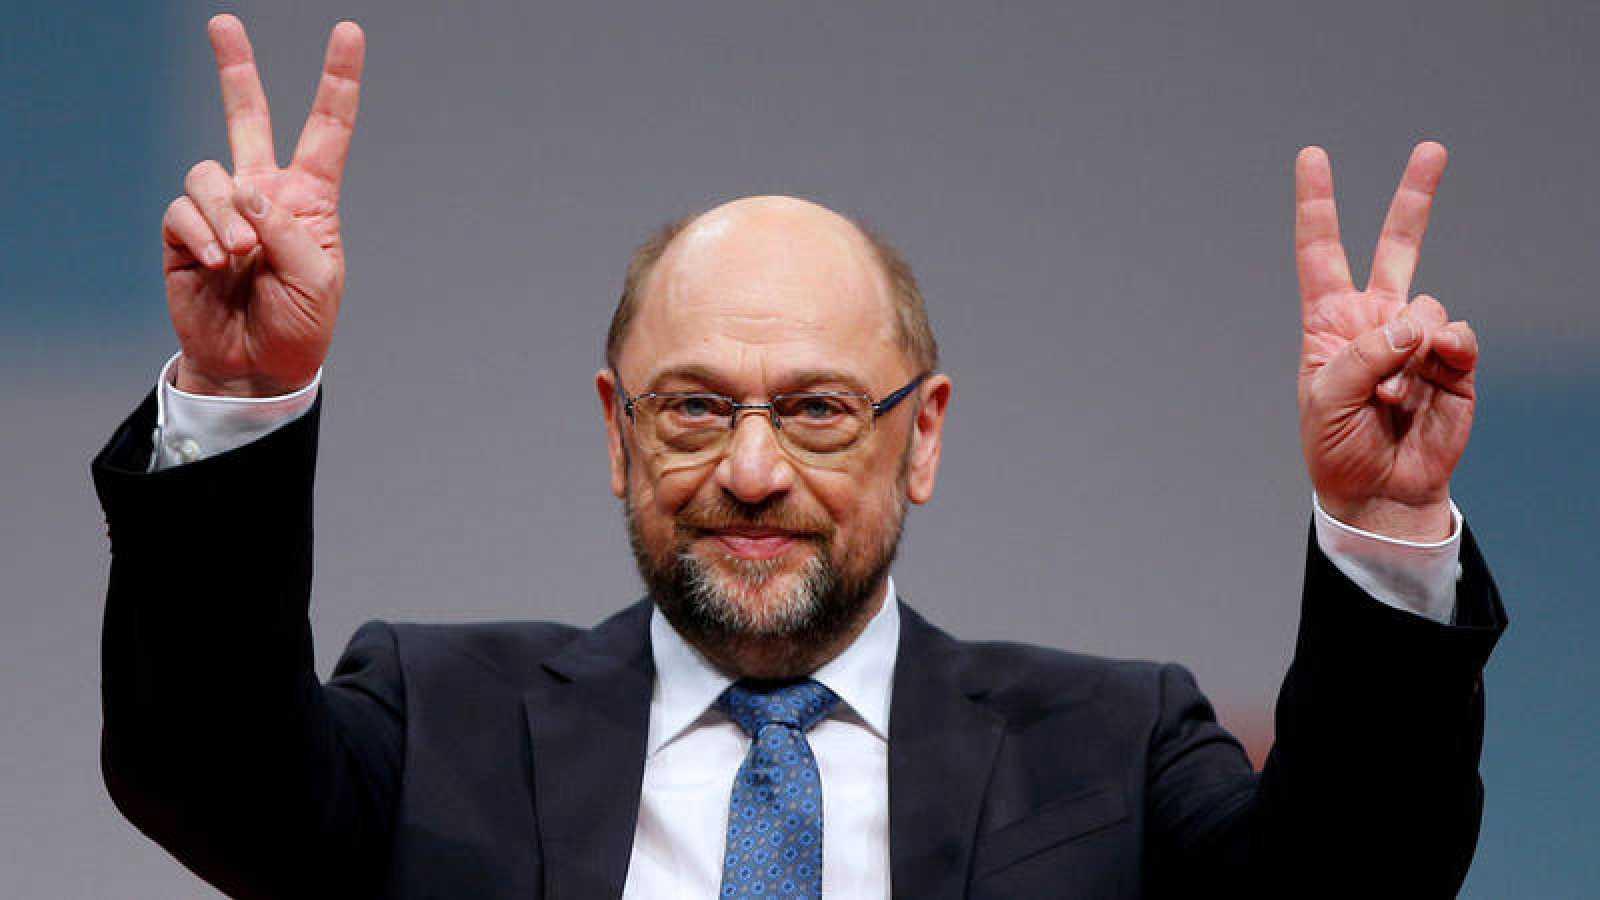 El presidente del Partido Socialdemocráta durante el congreso federal en Berlín